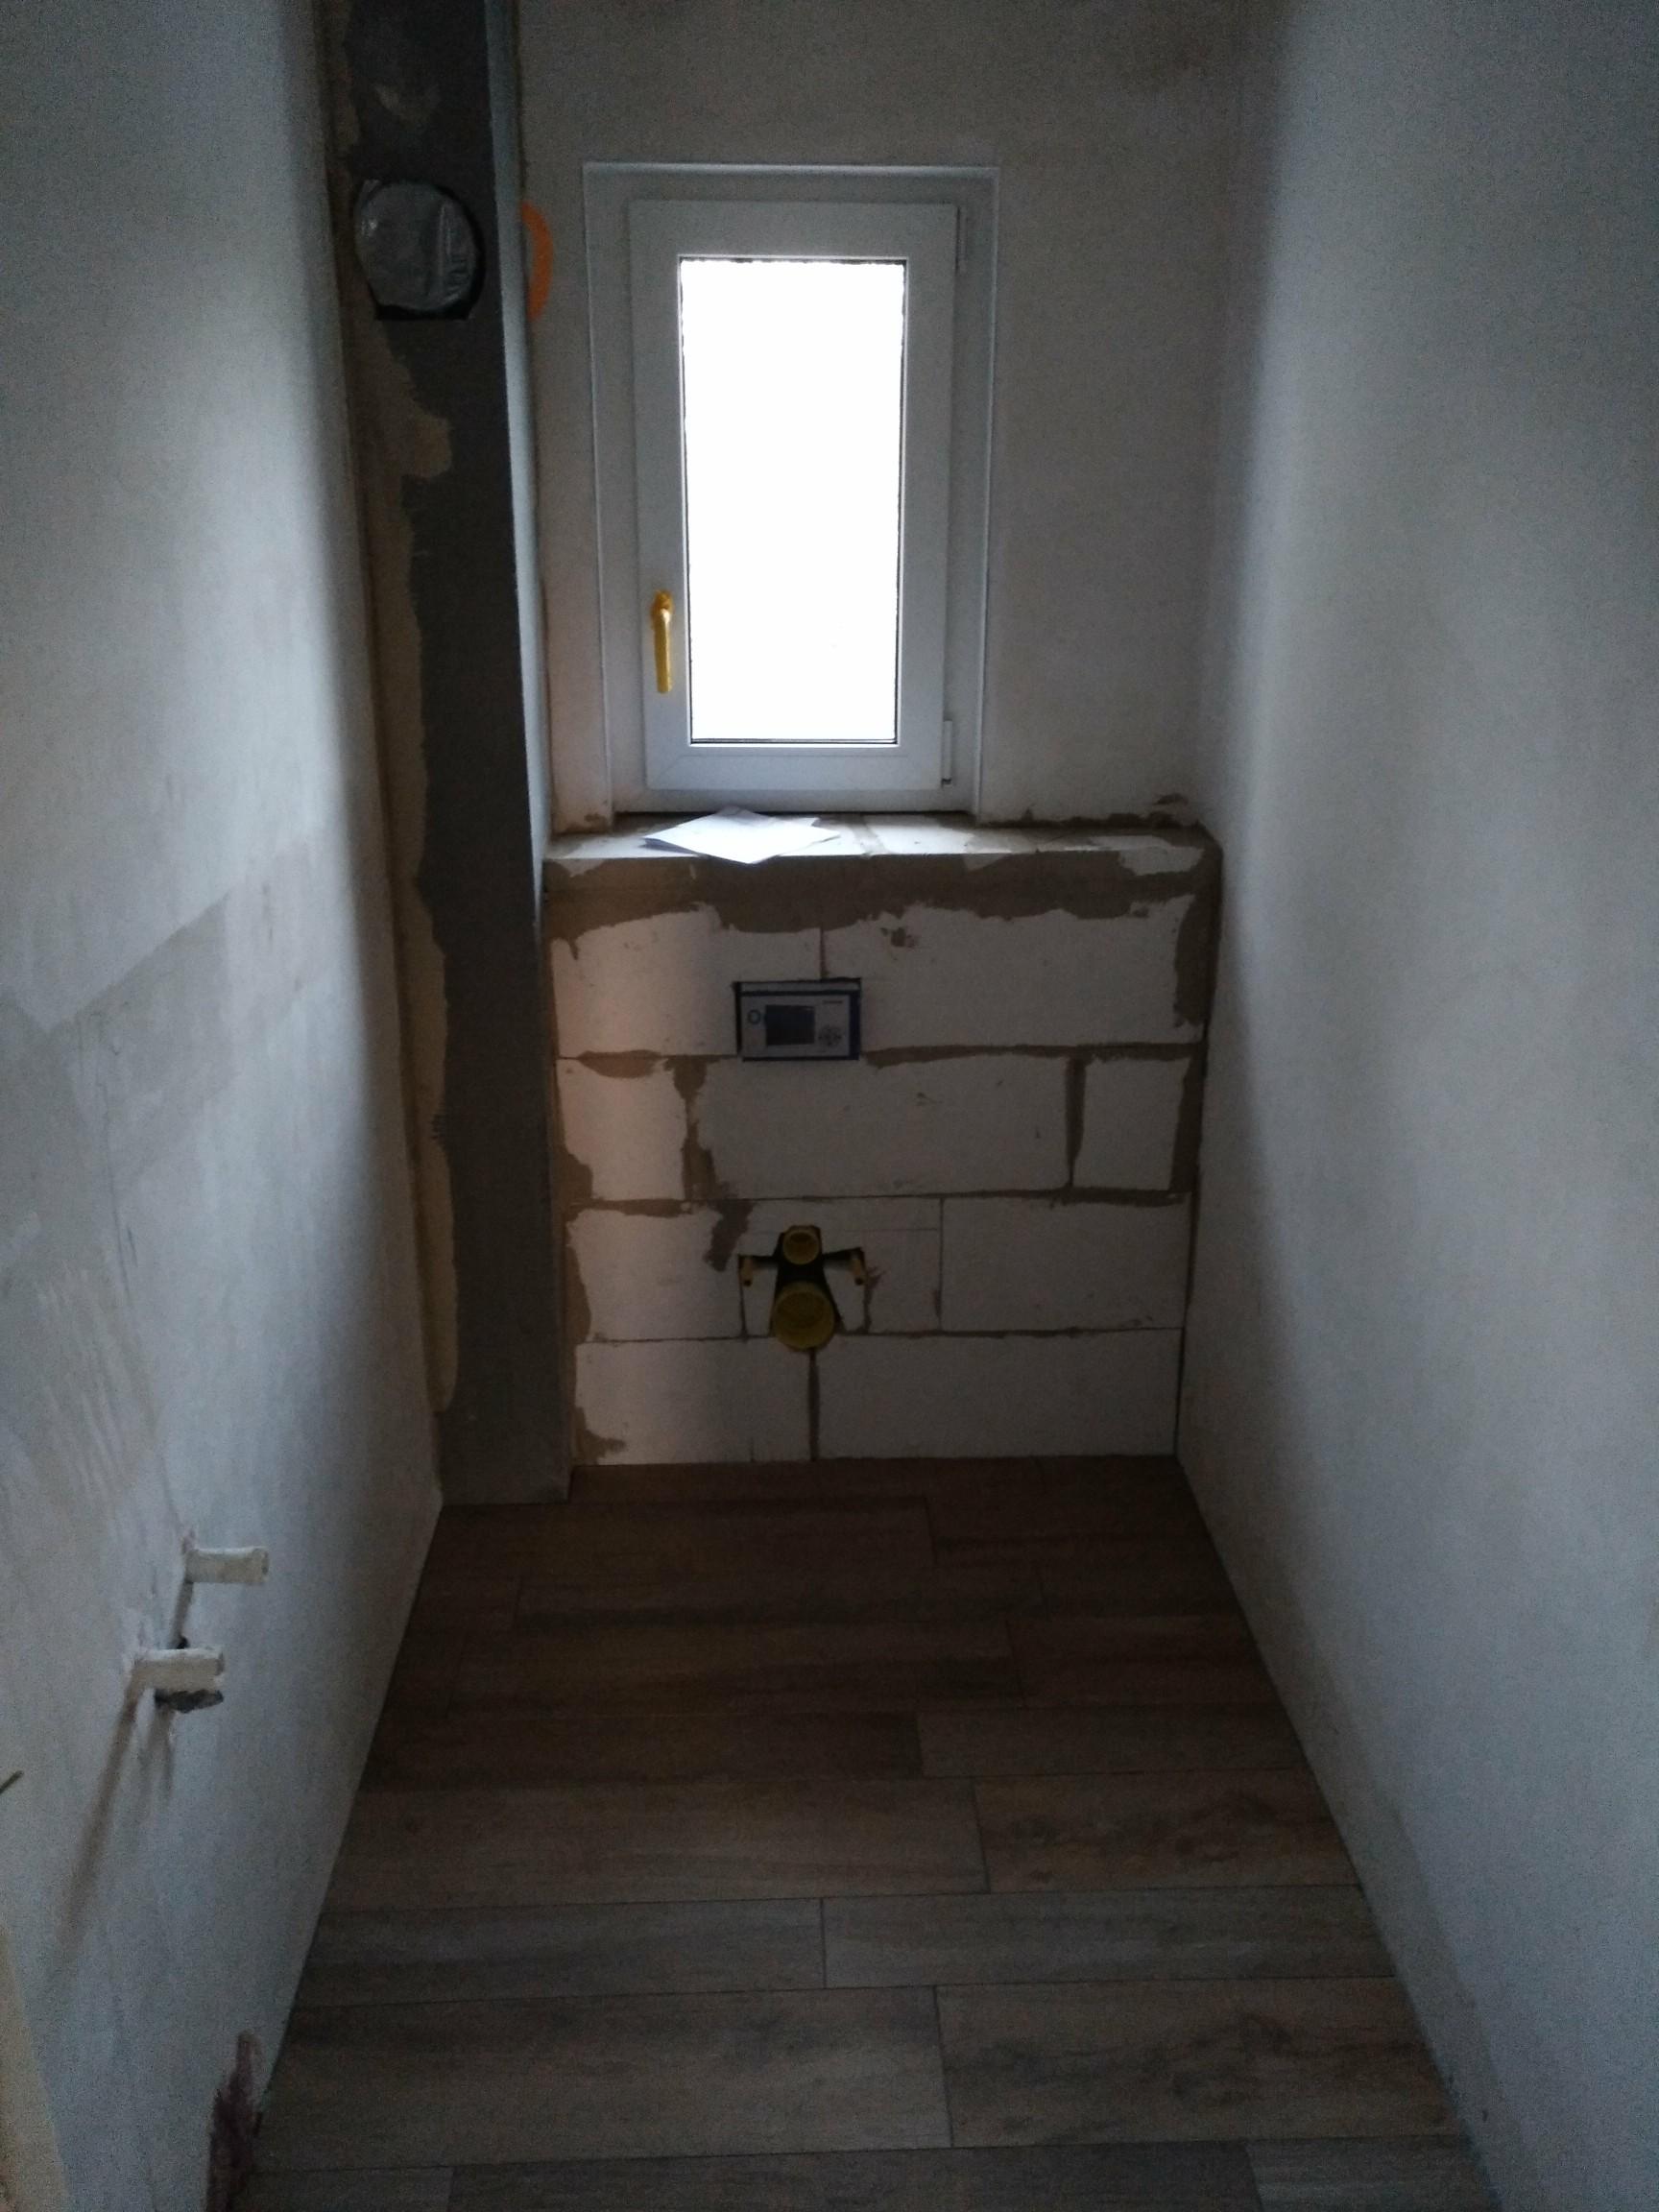 fliesen im bad hausbau thamm mit nurda. Black Bedroom Furniture Sets. Home Design Ideas